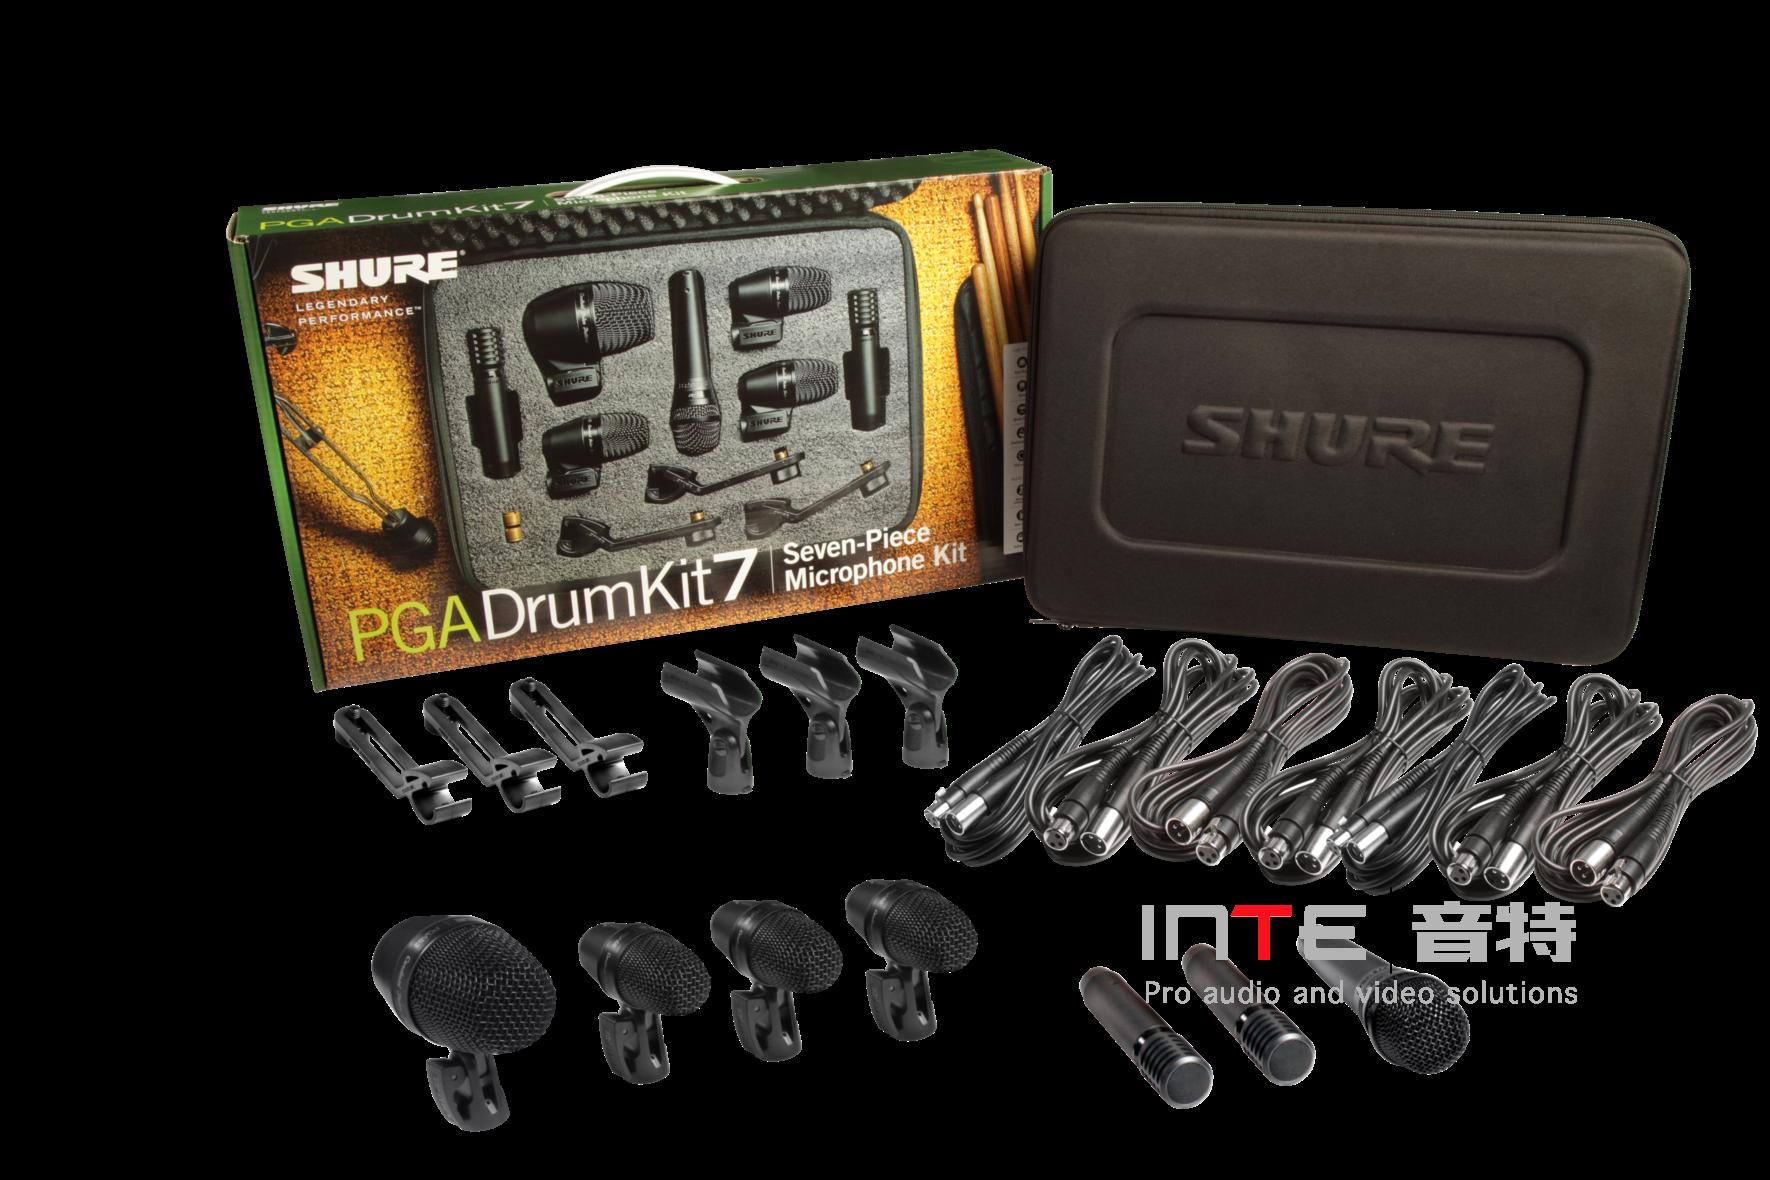 SHUREPGA DrumKit7